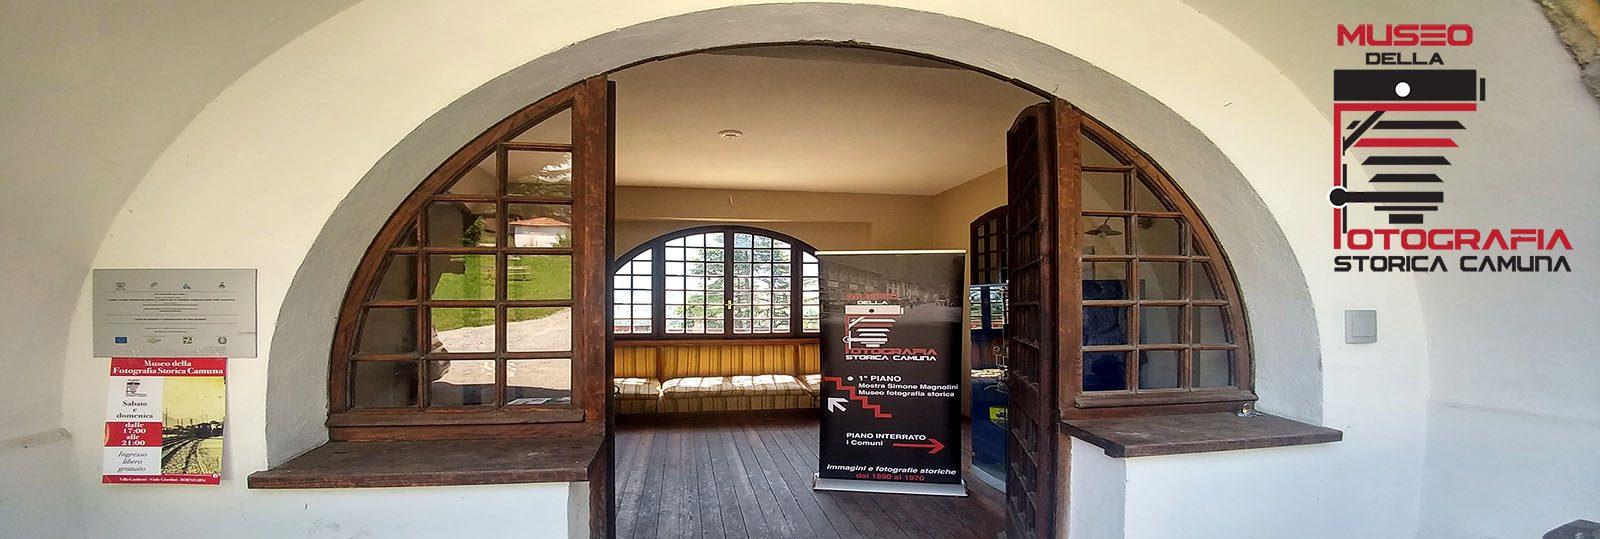 Museo della Fotografia Storica Camuna